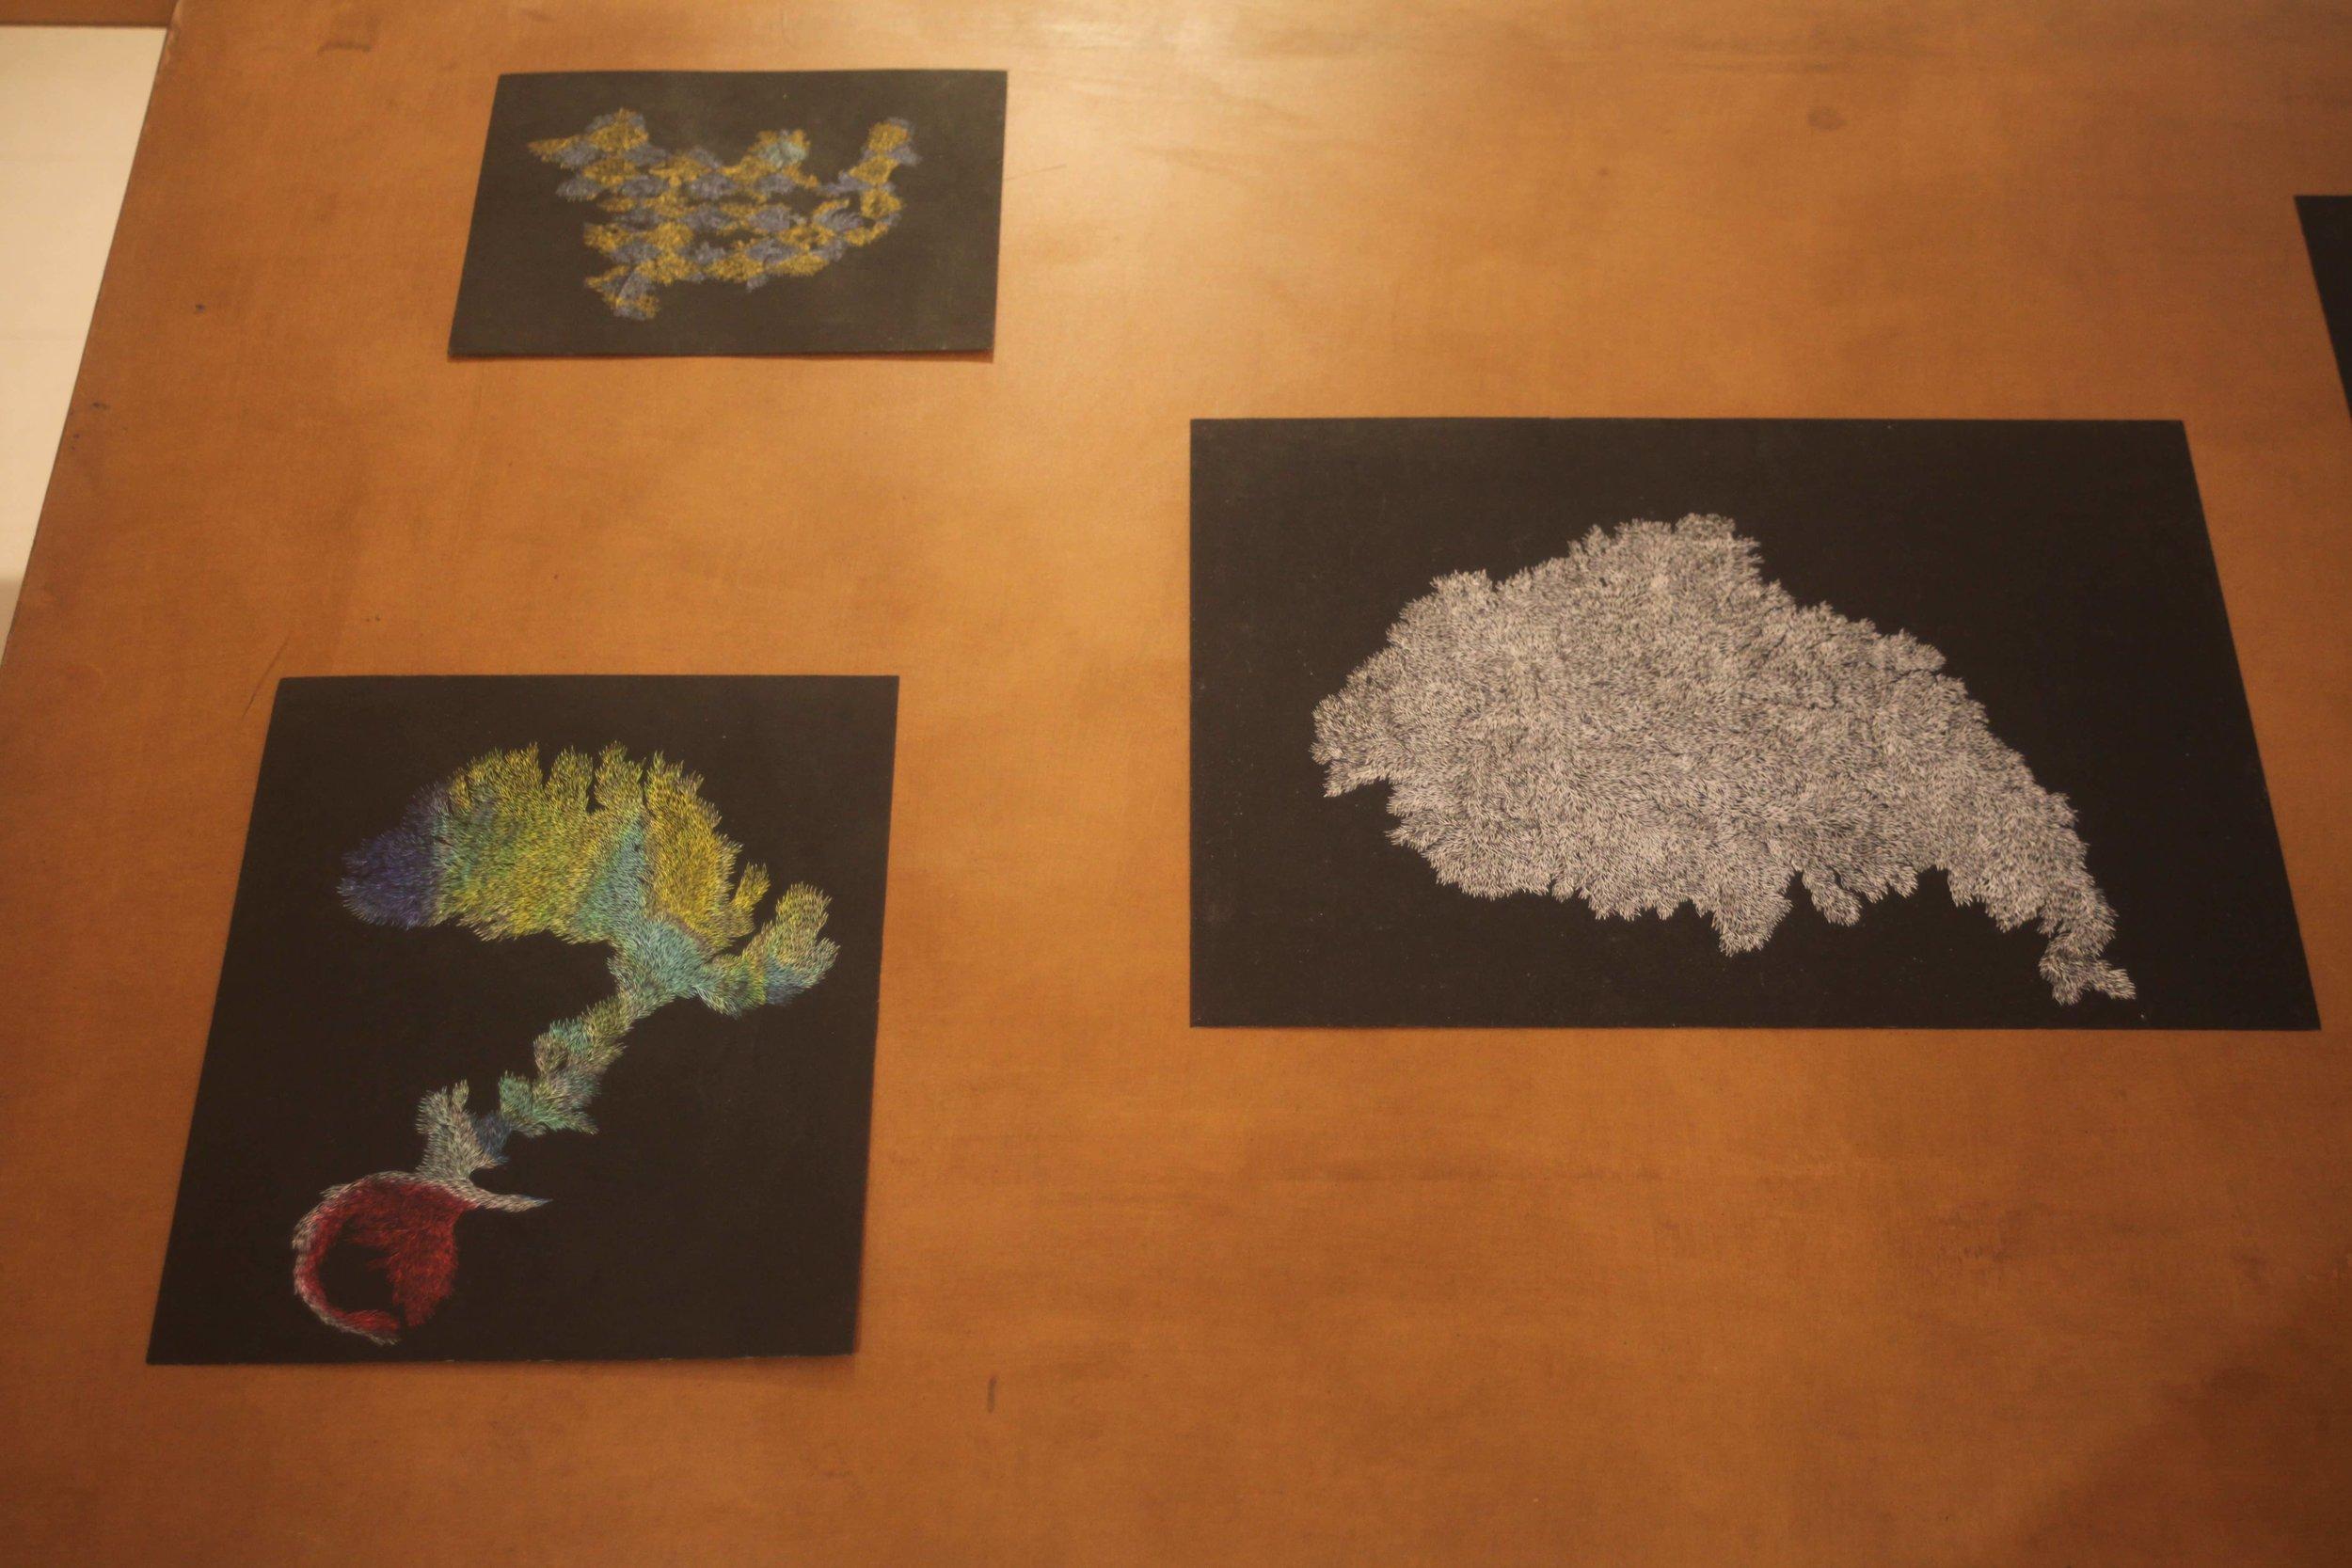 Pastels on Paper ,  Oil on Needle , 2017 Installation View during  Quelque chose comme le dessin  at L'Entrepôt Daniel Boeri Gallery, Monaco, MC. From top left clockwise: 23,6 x 17,4cm, 29.7 x 42 cm, 24,9 x 29,6 cm, 29.7 x 42 cm